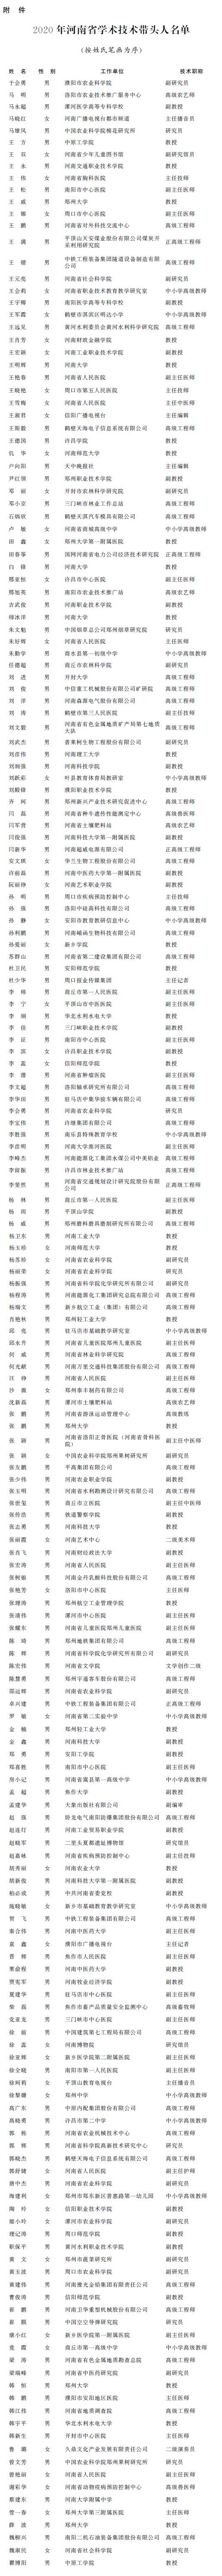 河南省人民政府辦公廳關于公布2020年度河南省學術技術帶頭人名單的通知